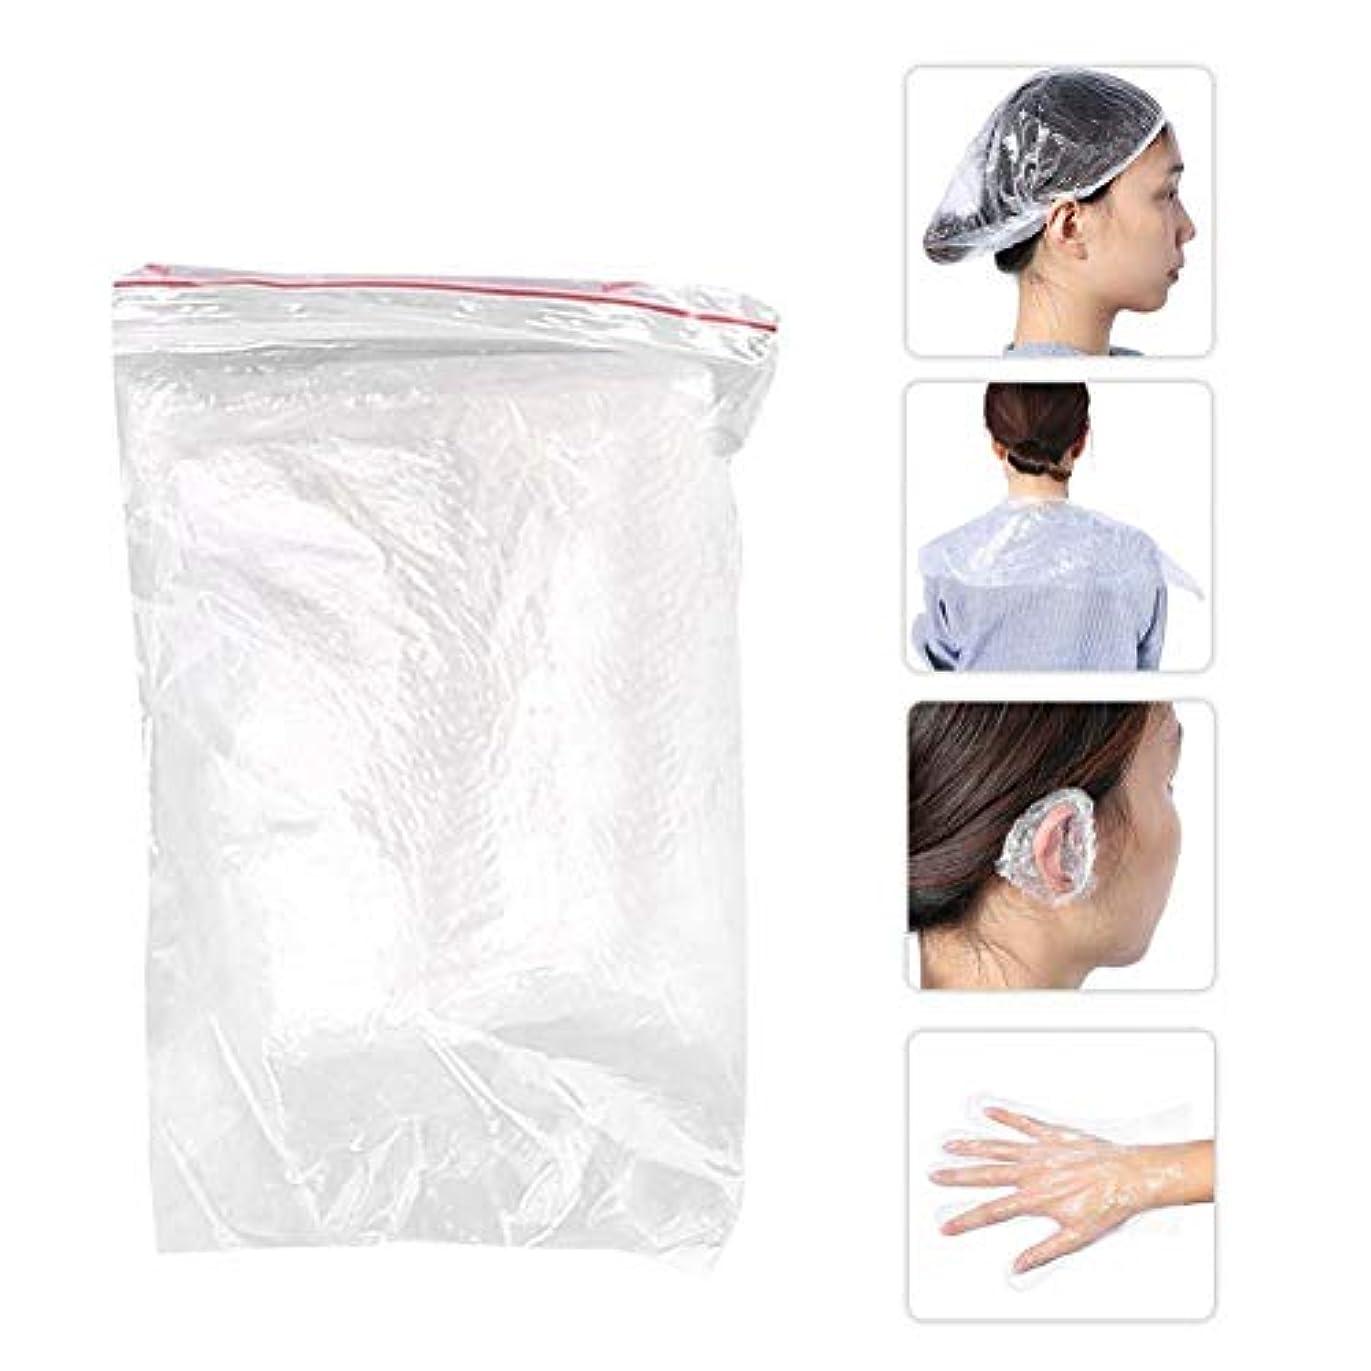 エスカレーター大いにアカウント美容用品毛染めツール ショールイヤーマフ手袋シャワーキャップ10セット使い捨てサロン シャワーキャップ耳カバー手袋